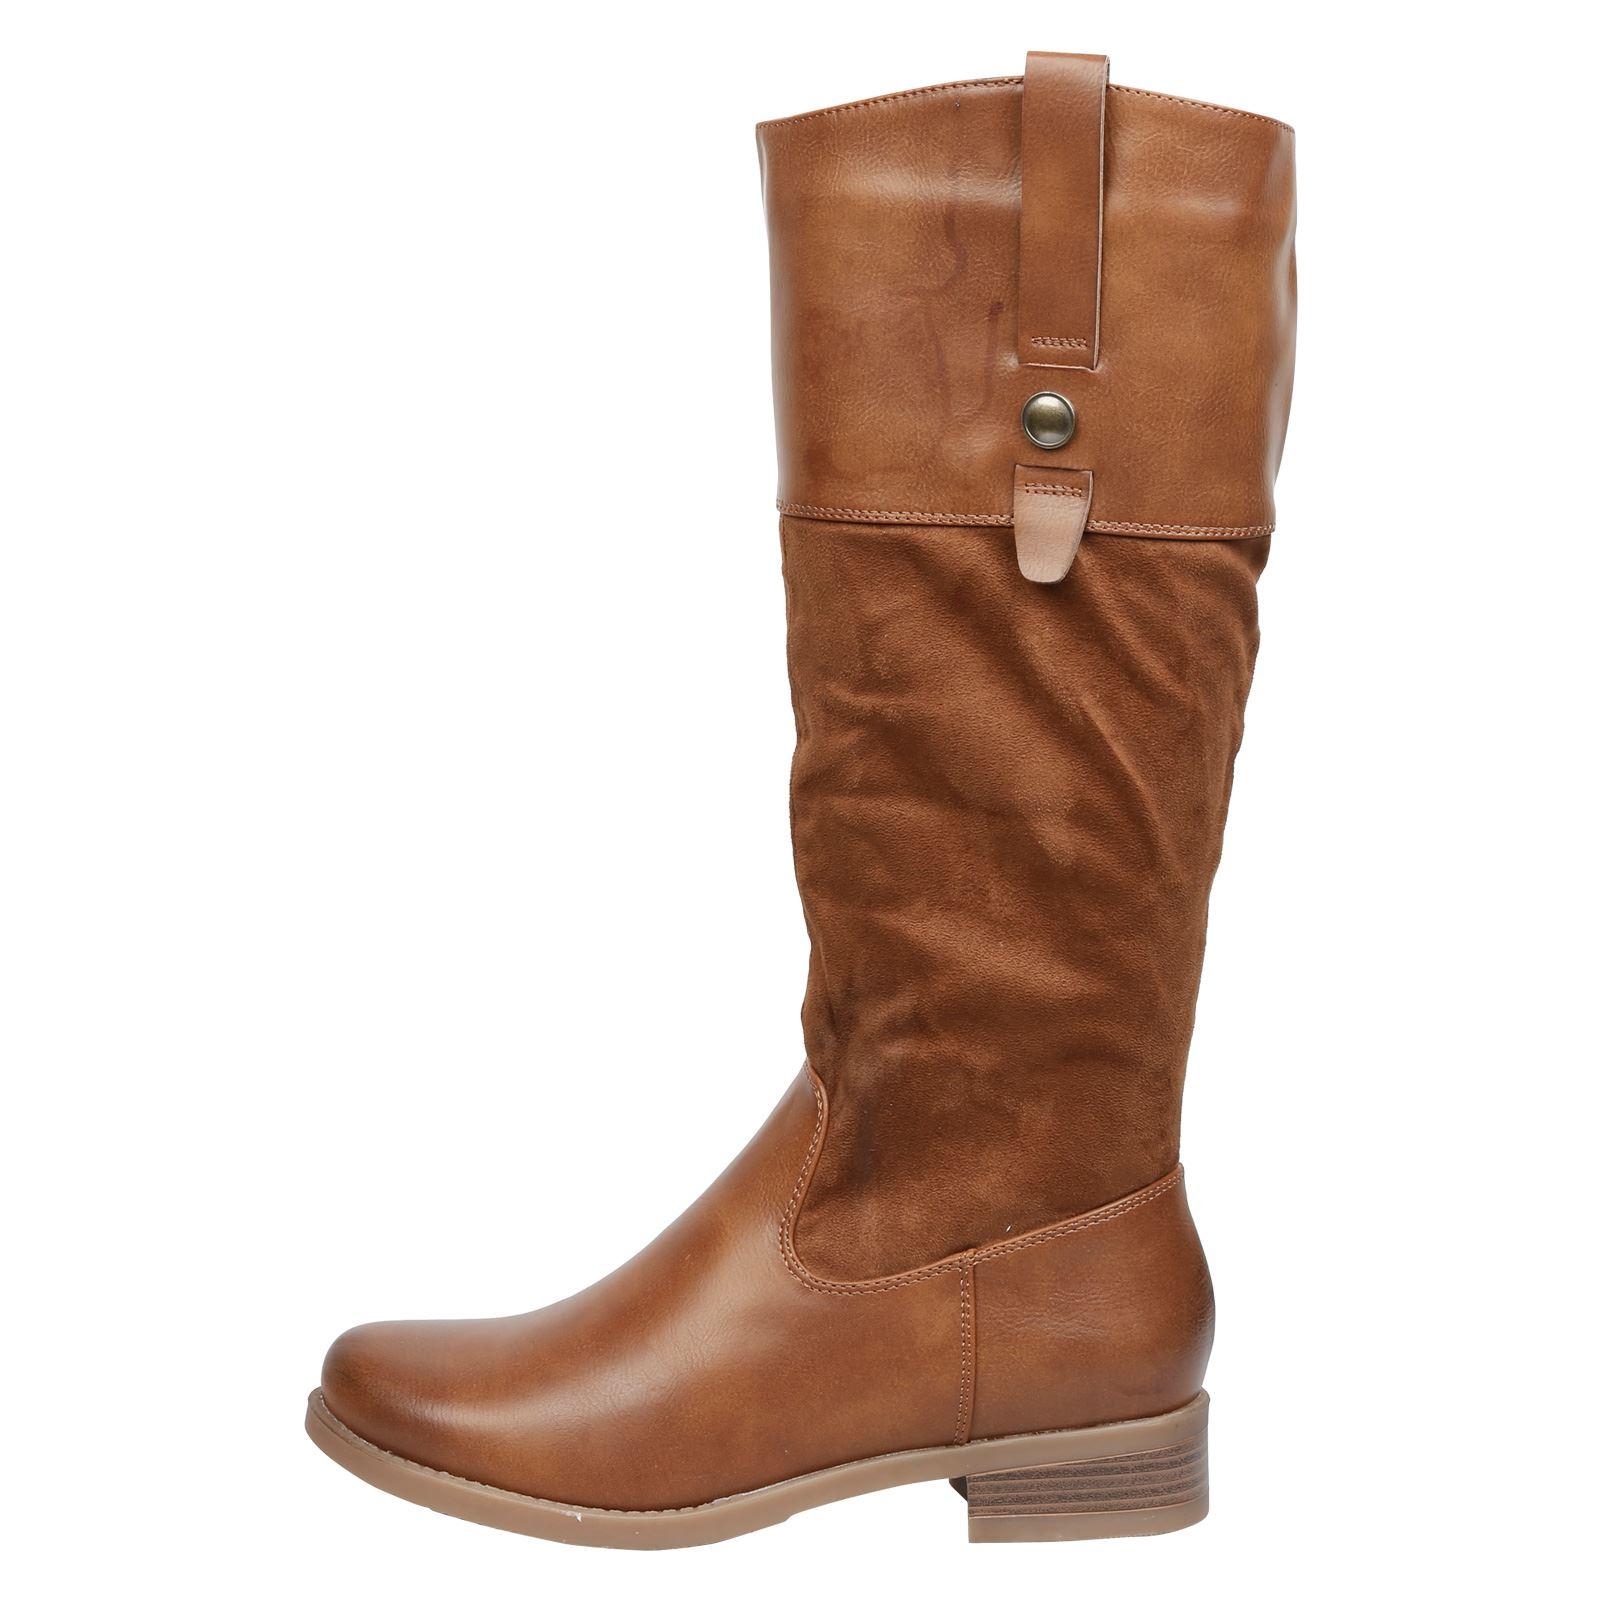 Rieker 74663 00 Buy online at schoose.co.uk | Casual